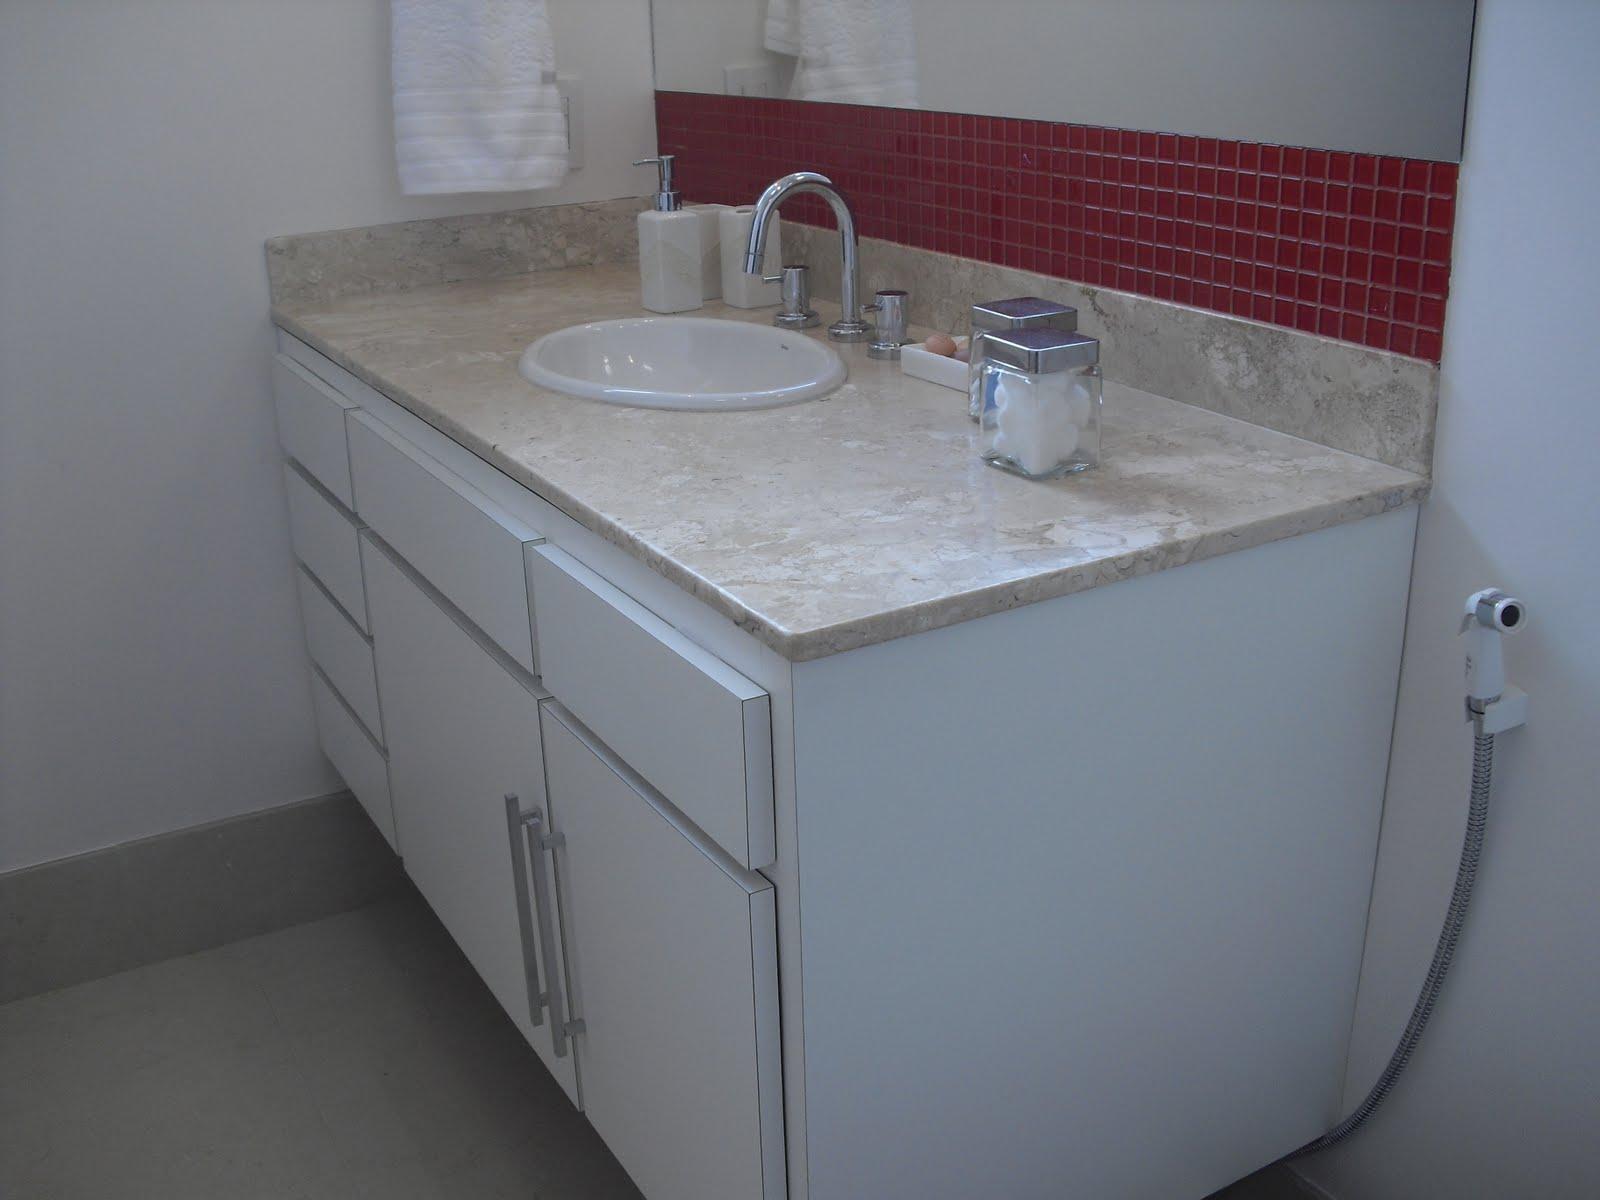 Construir com Arte: Banheiros de bom gosto com Cristiana Terra Bento #592E37 1600x1200 Banheiro Com Granito Vermelho